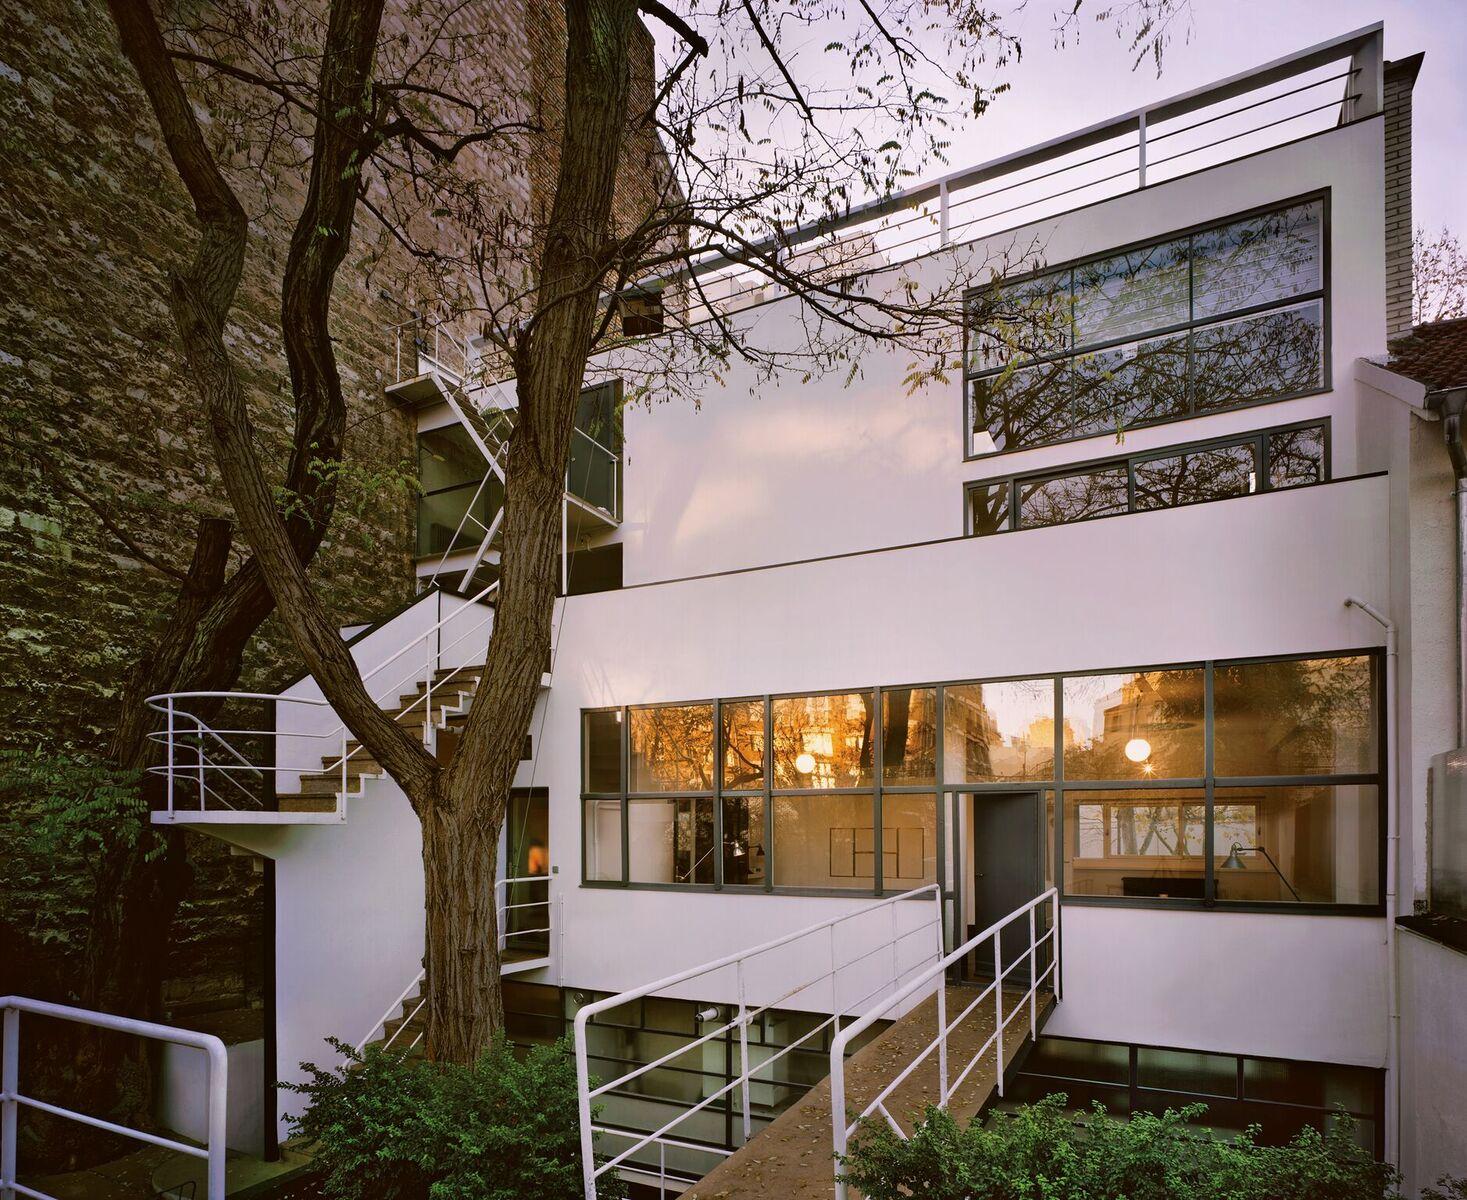 Le Corbusier, Maison atelier planeix